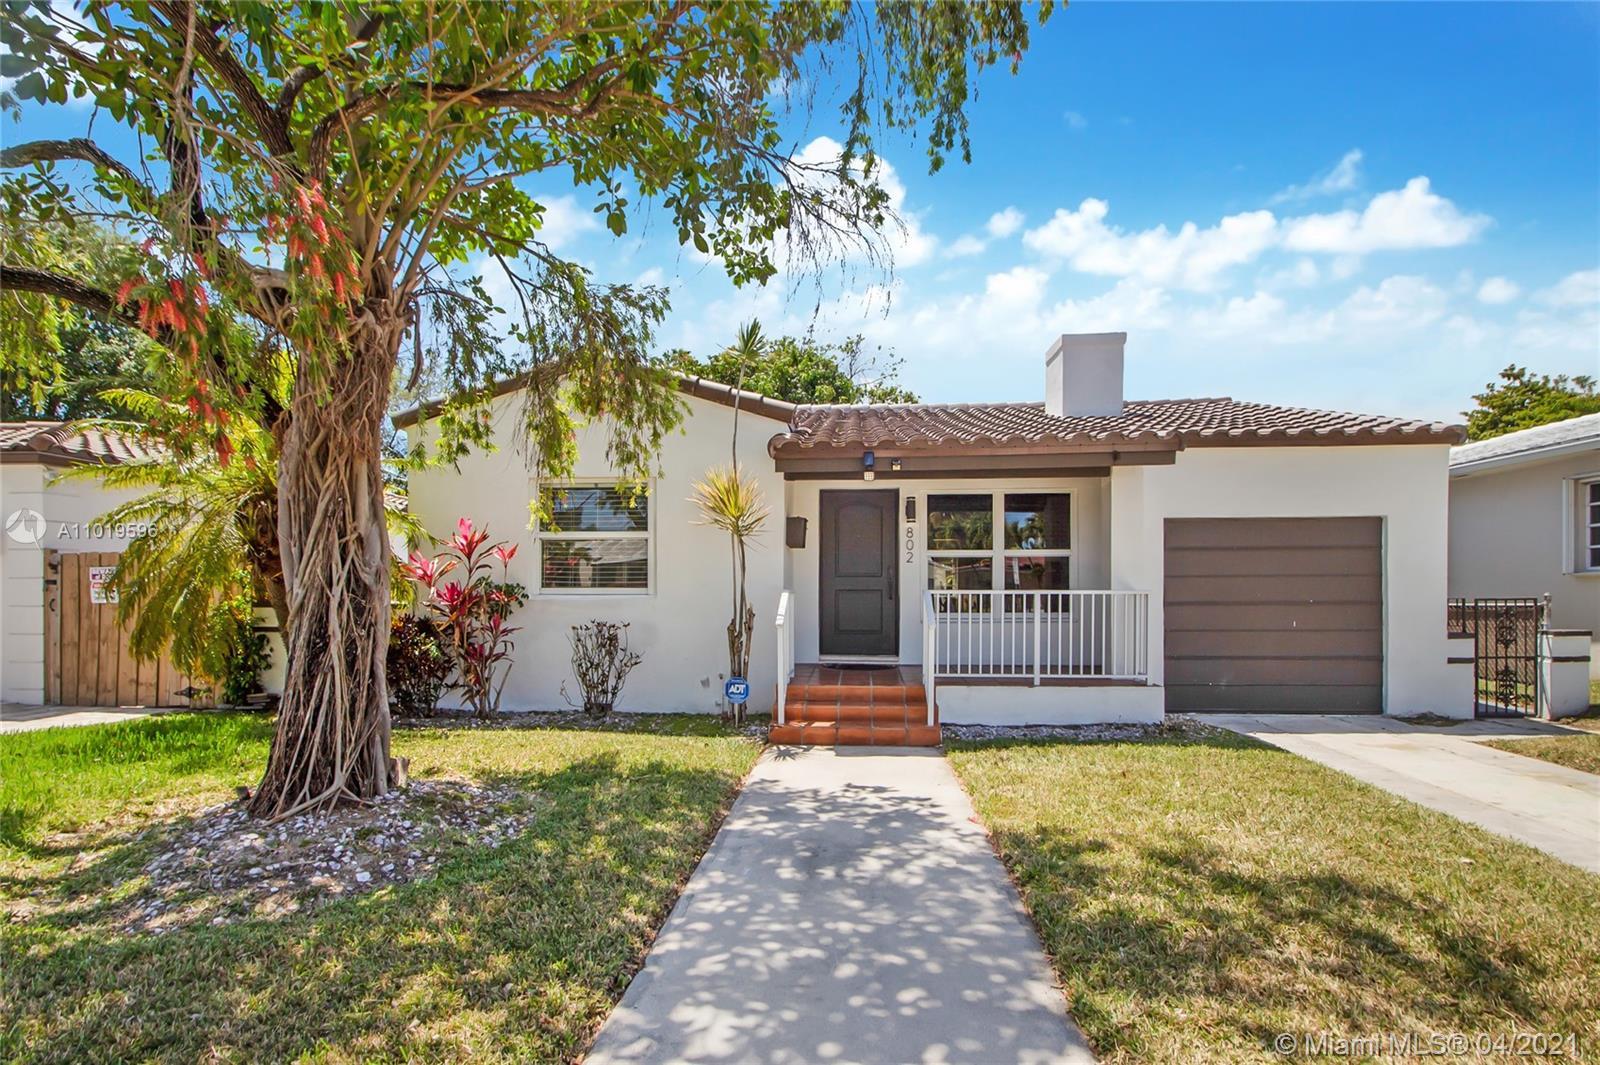 Brickell Estates - 802 SW 27th Rd, Miami, FL 33129